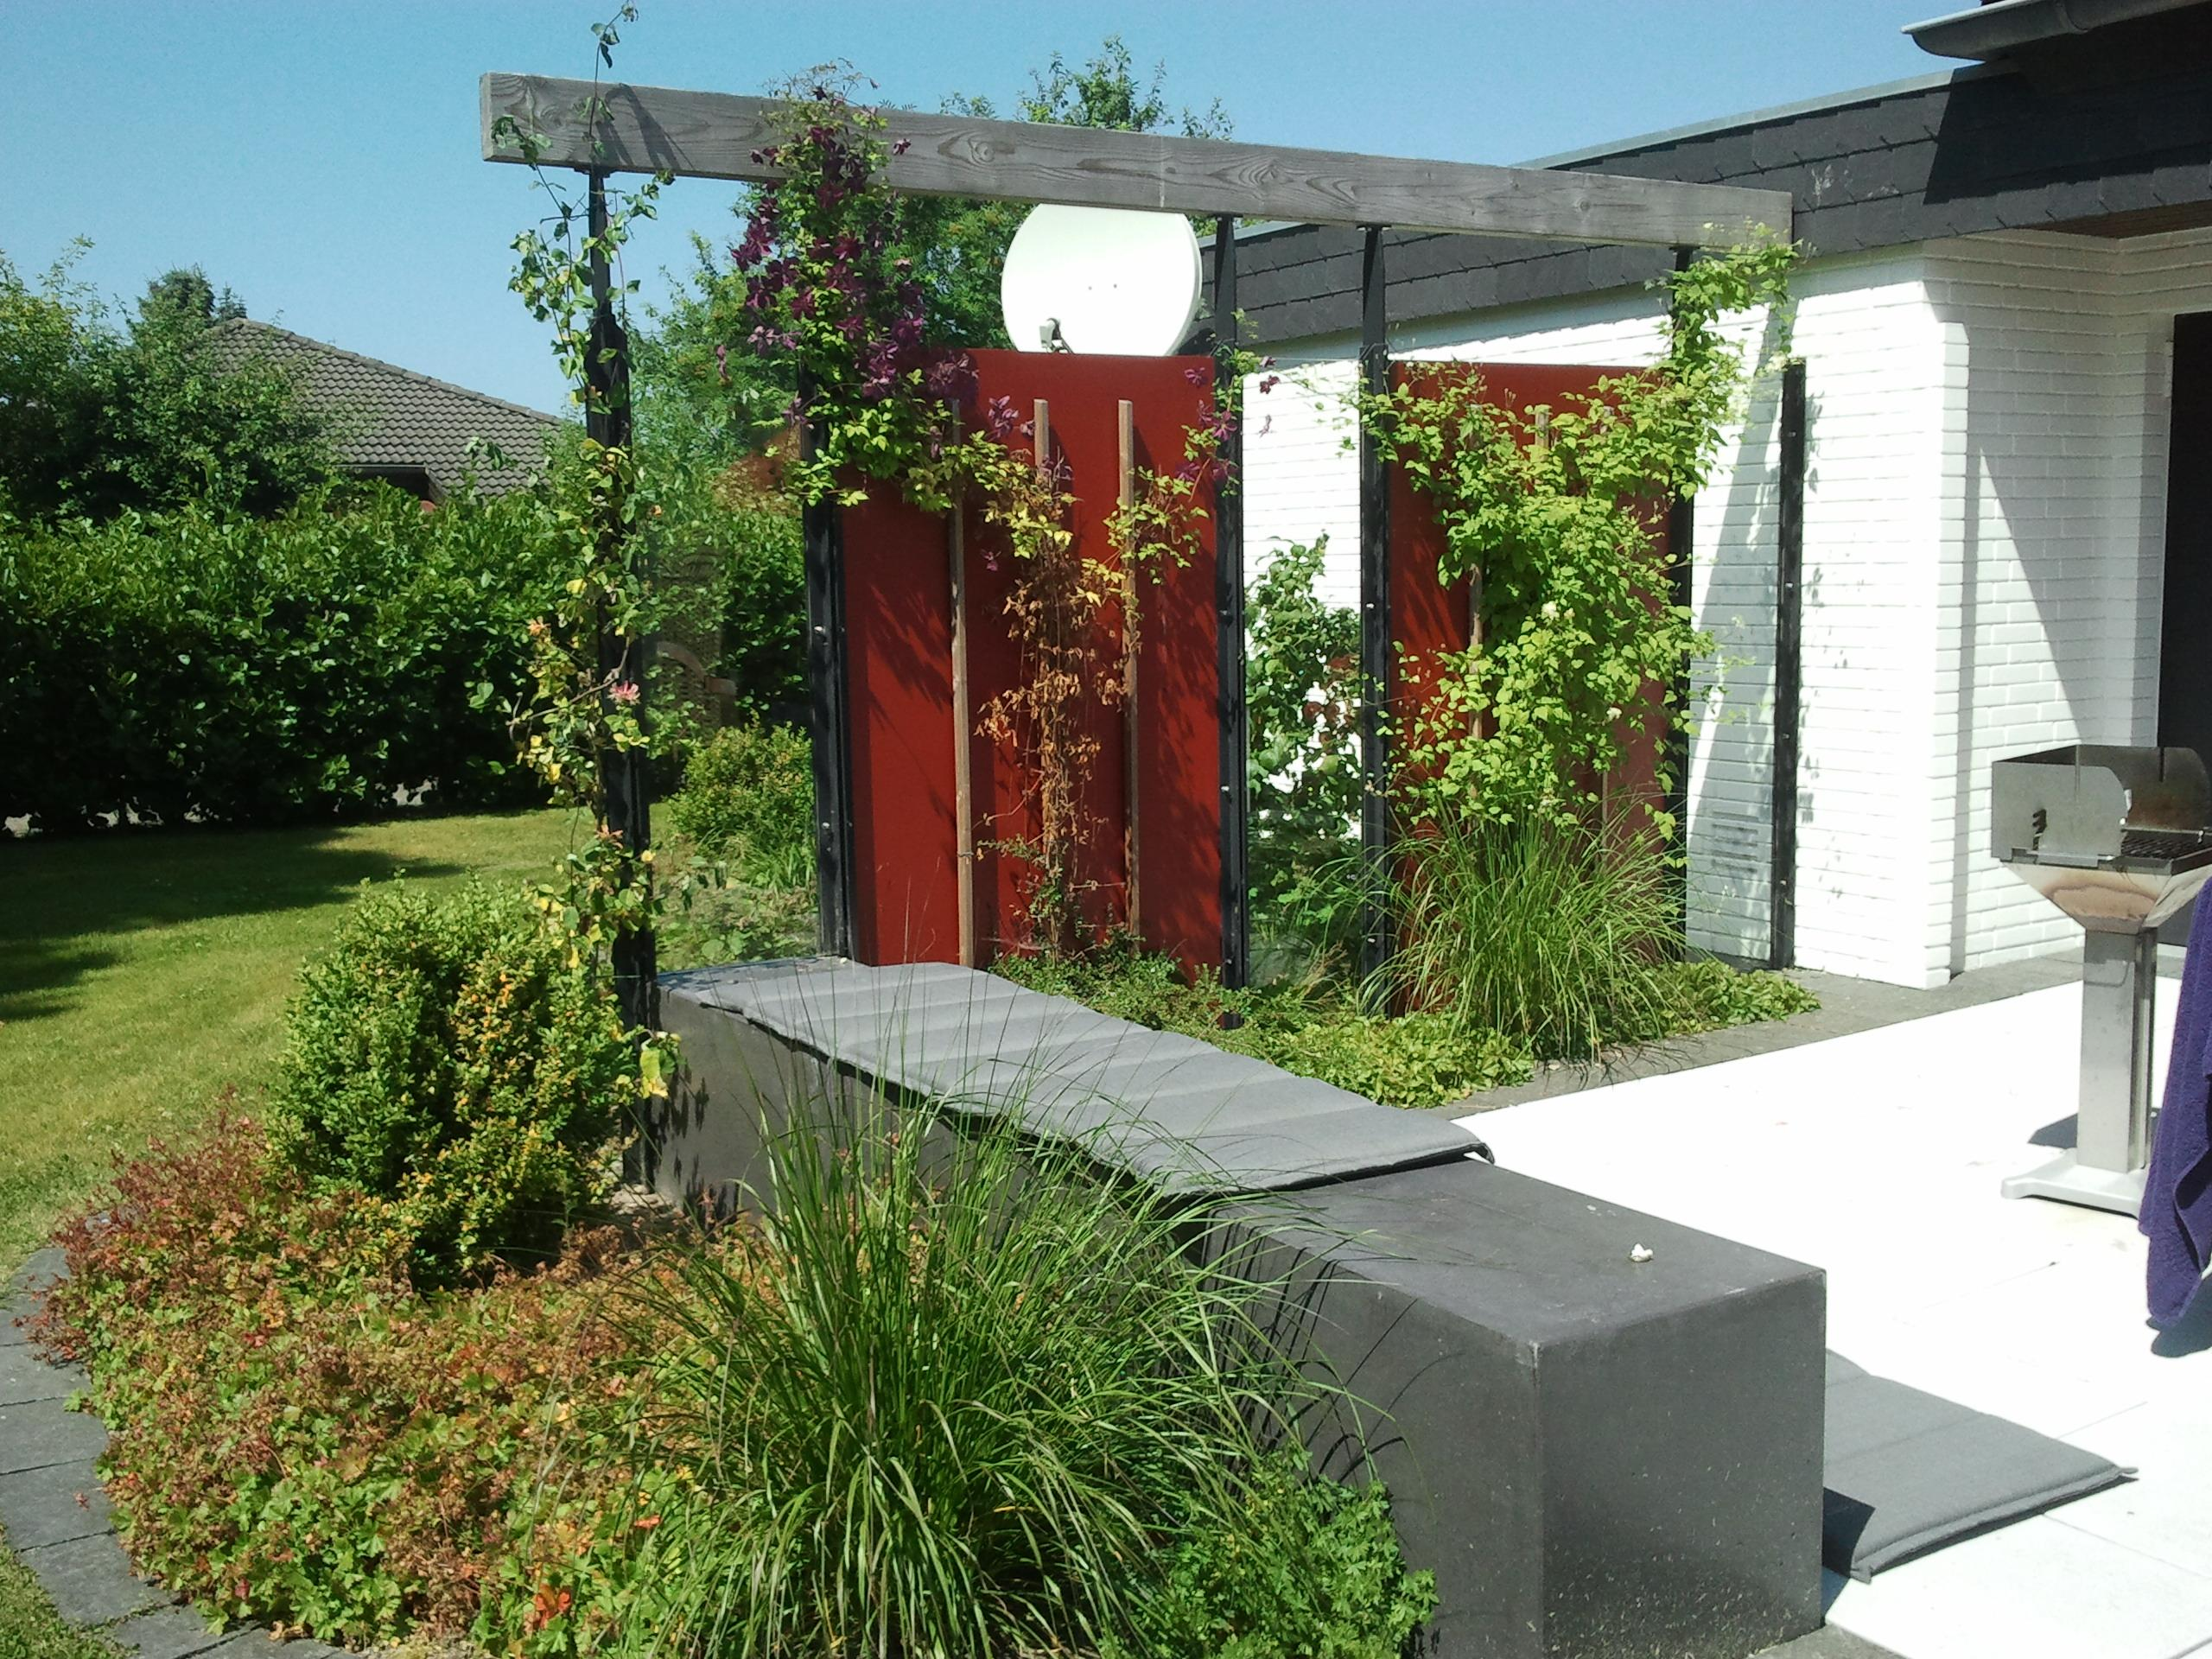 Terrasse Mit Sichtschutz • Bilder & Ideen • Couchstyle